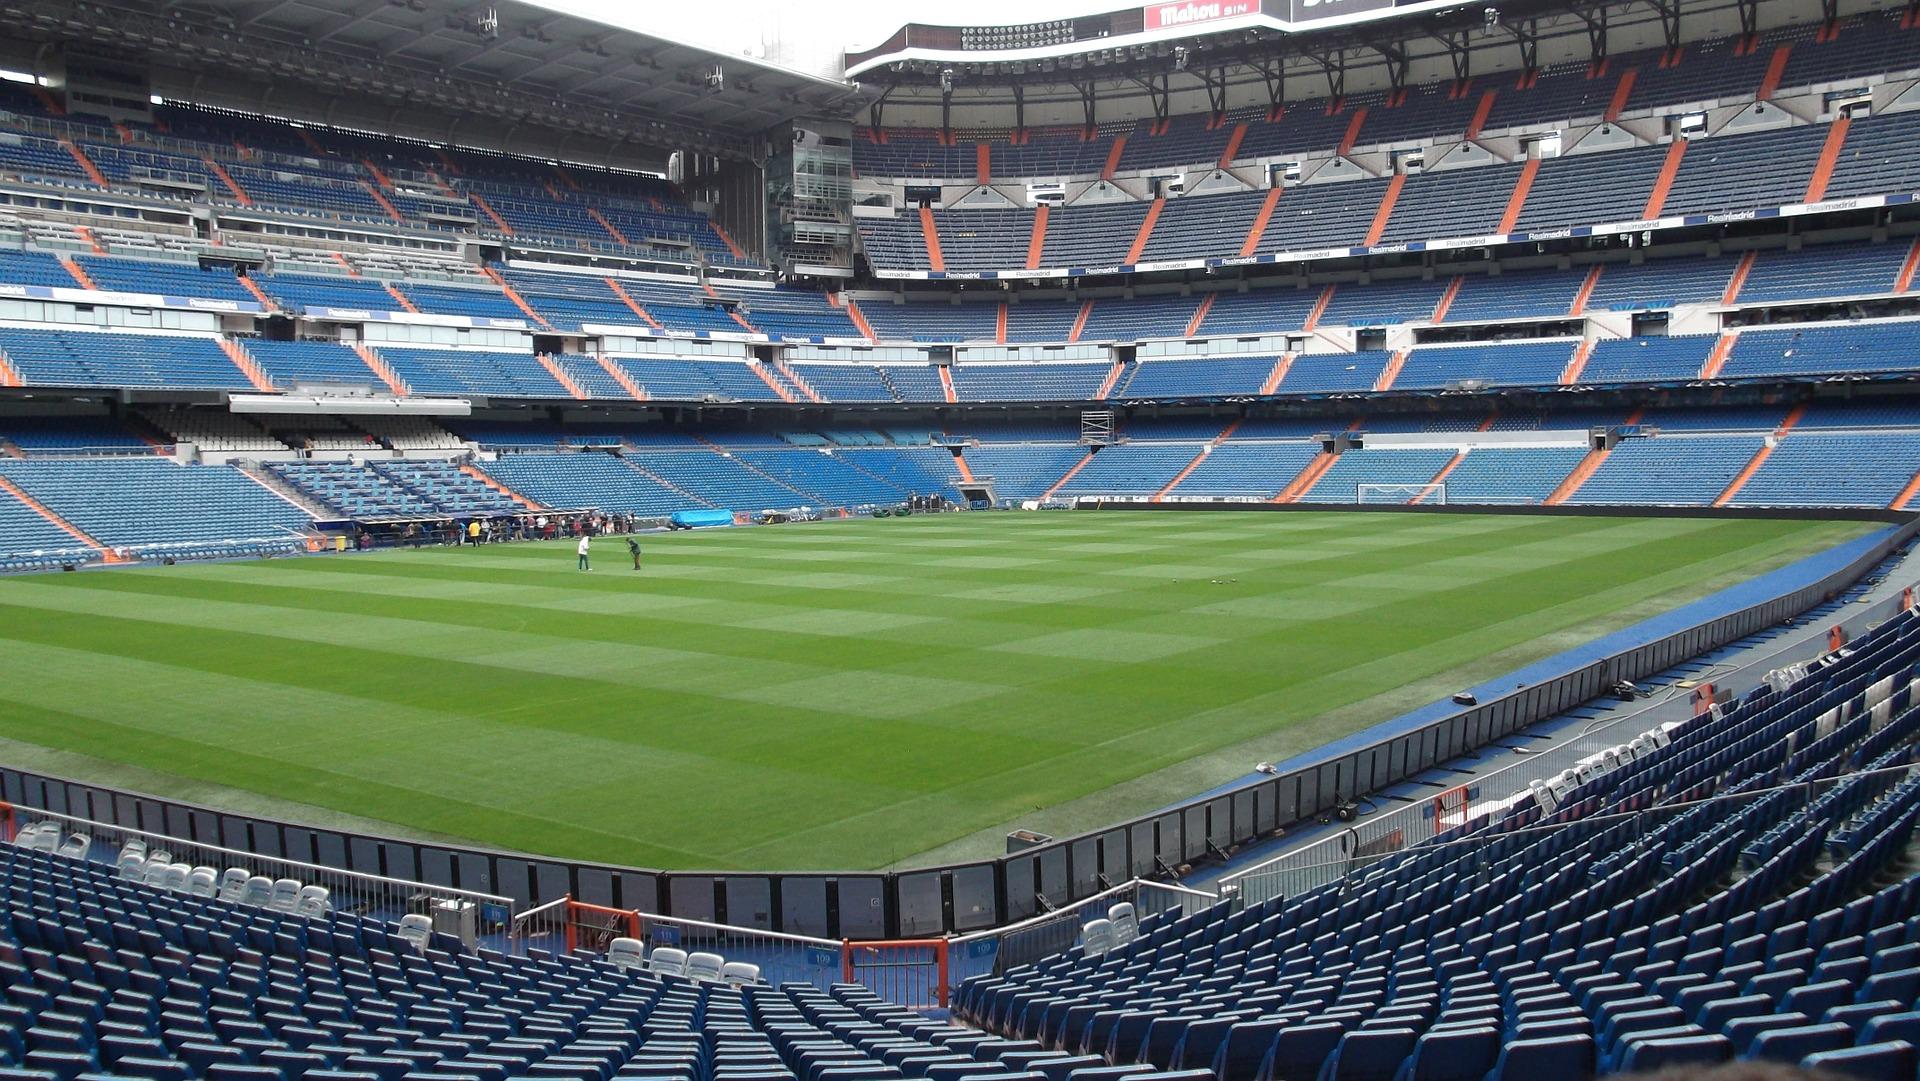 stadium-300608_1920